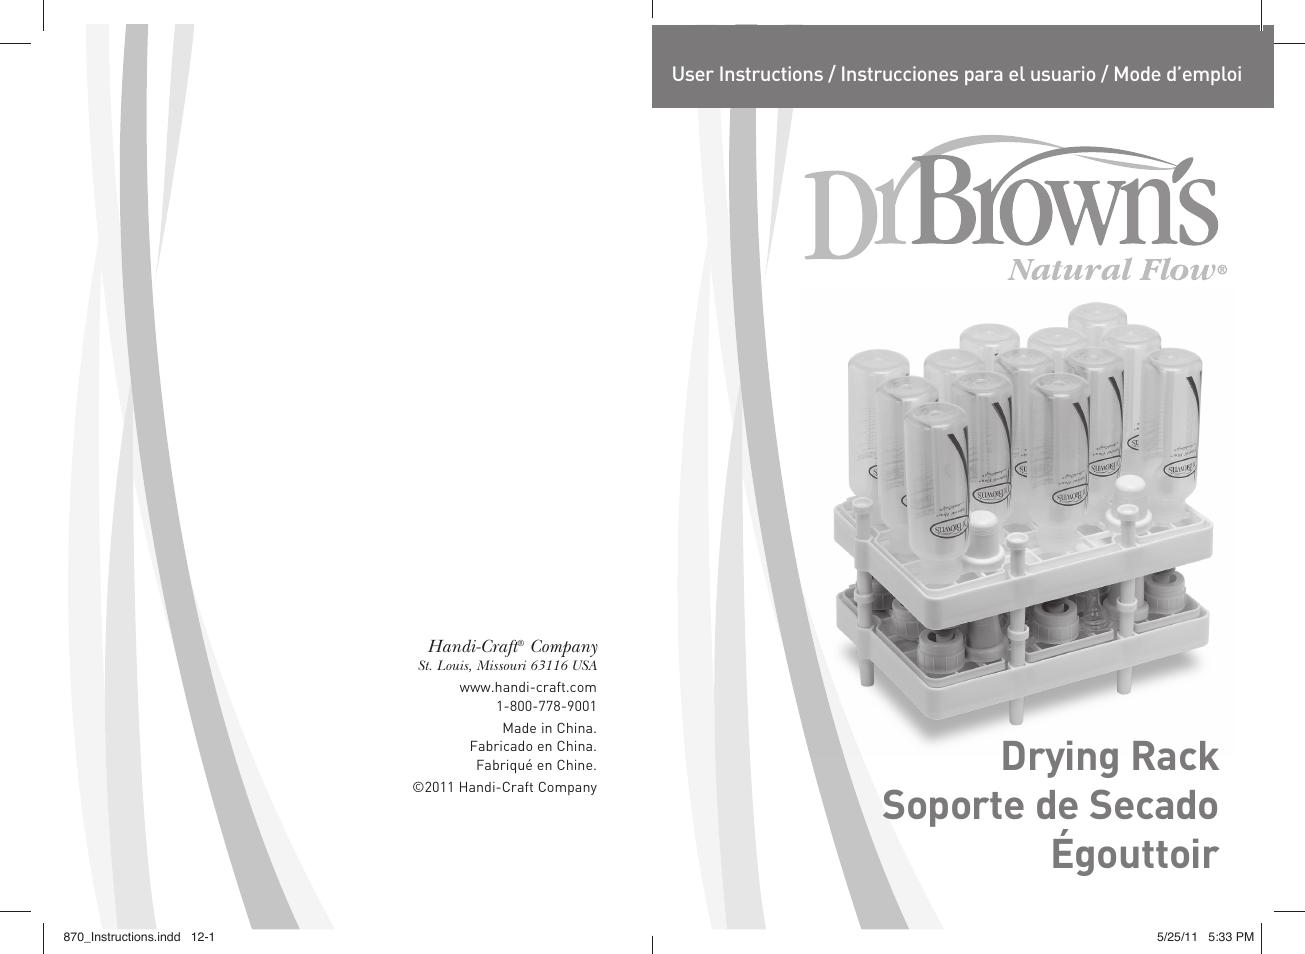 dr brown s drying rack user manual 6